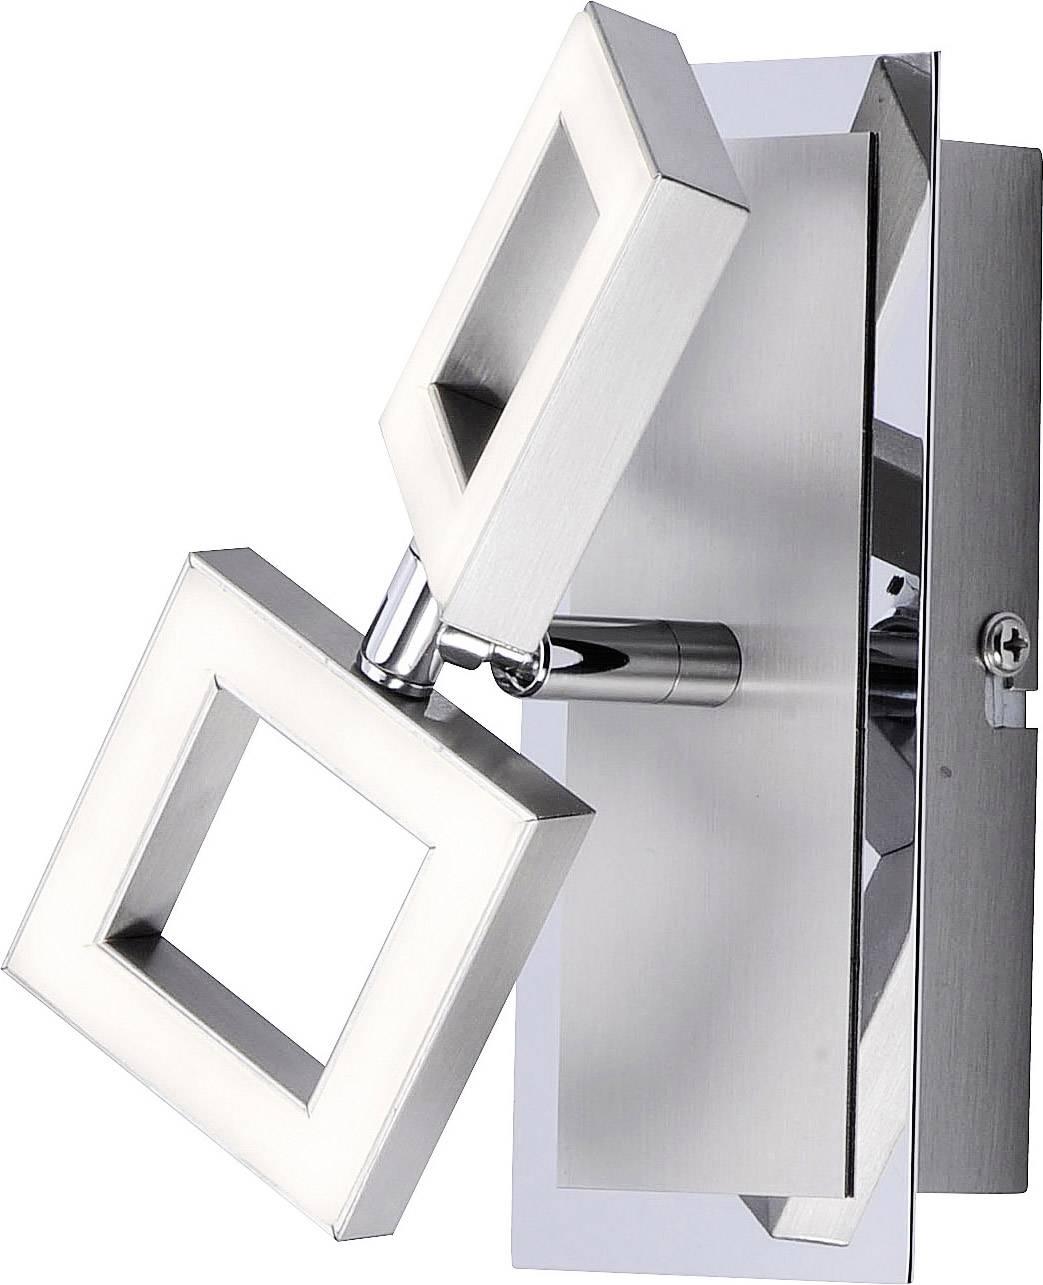 LED nástenné svetlo Paul Neuhaus Twins 9005-55, 5 W, teplá biela, oceľová